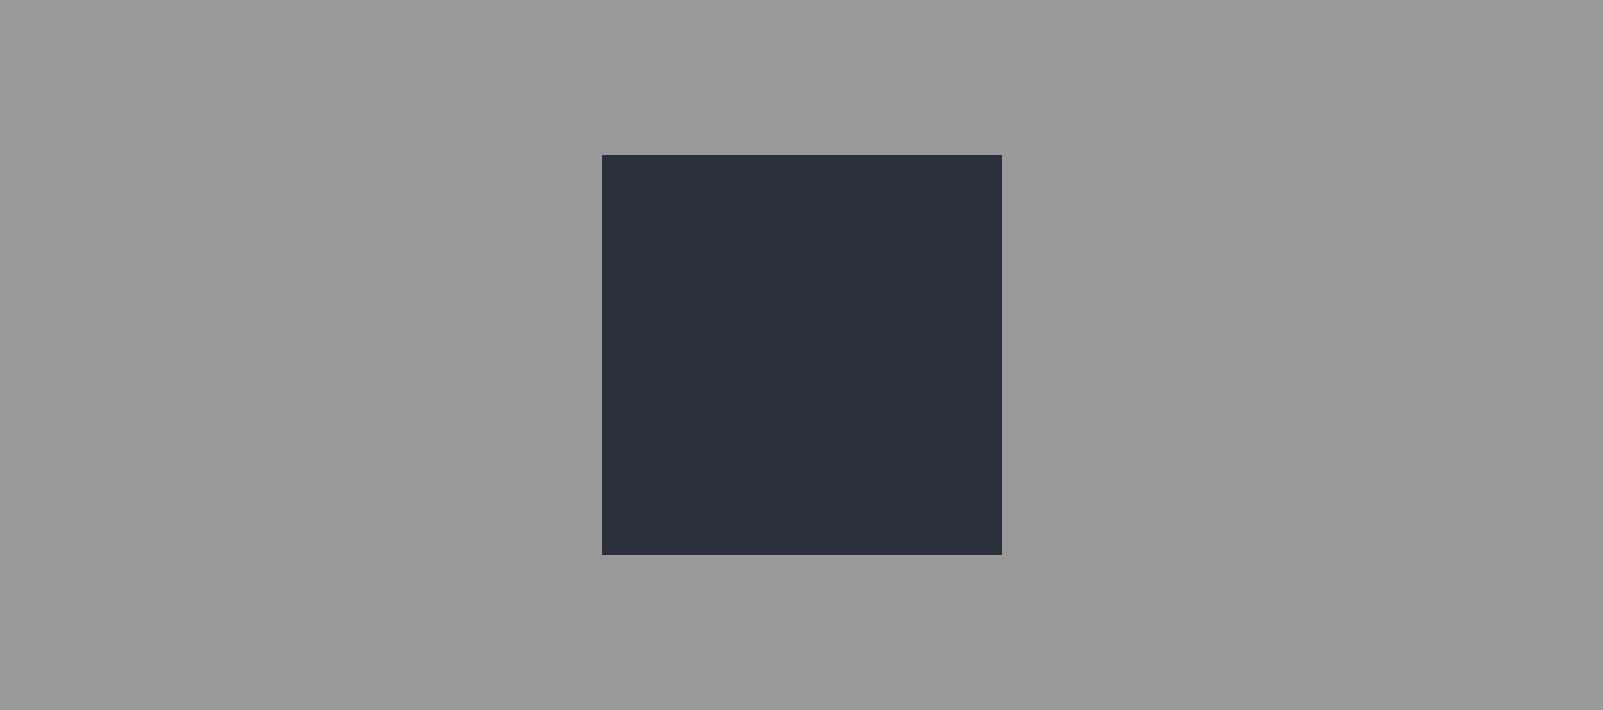 Centrage vertical et horizontal